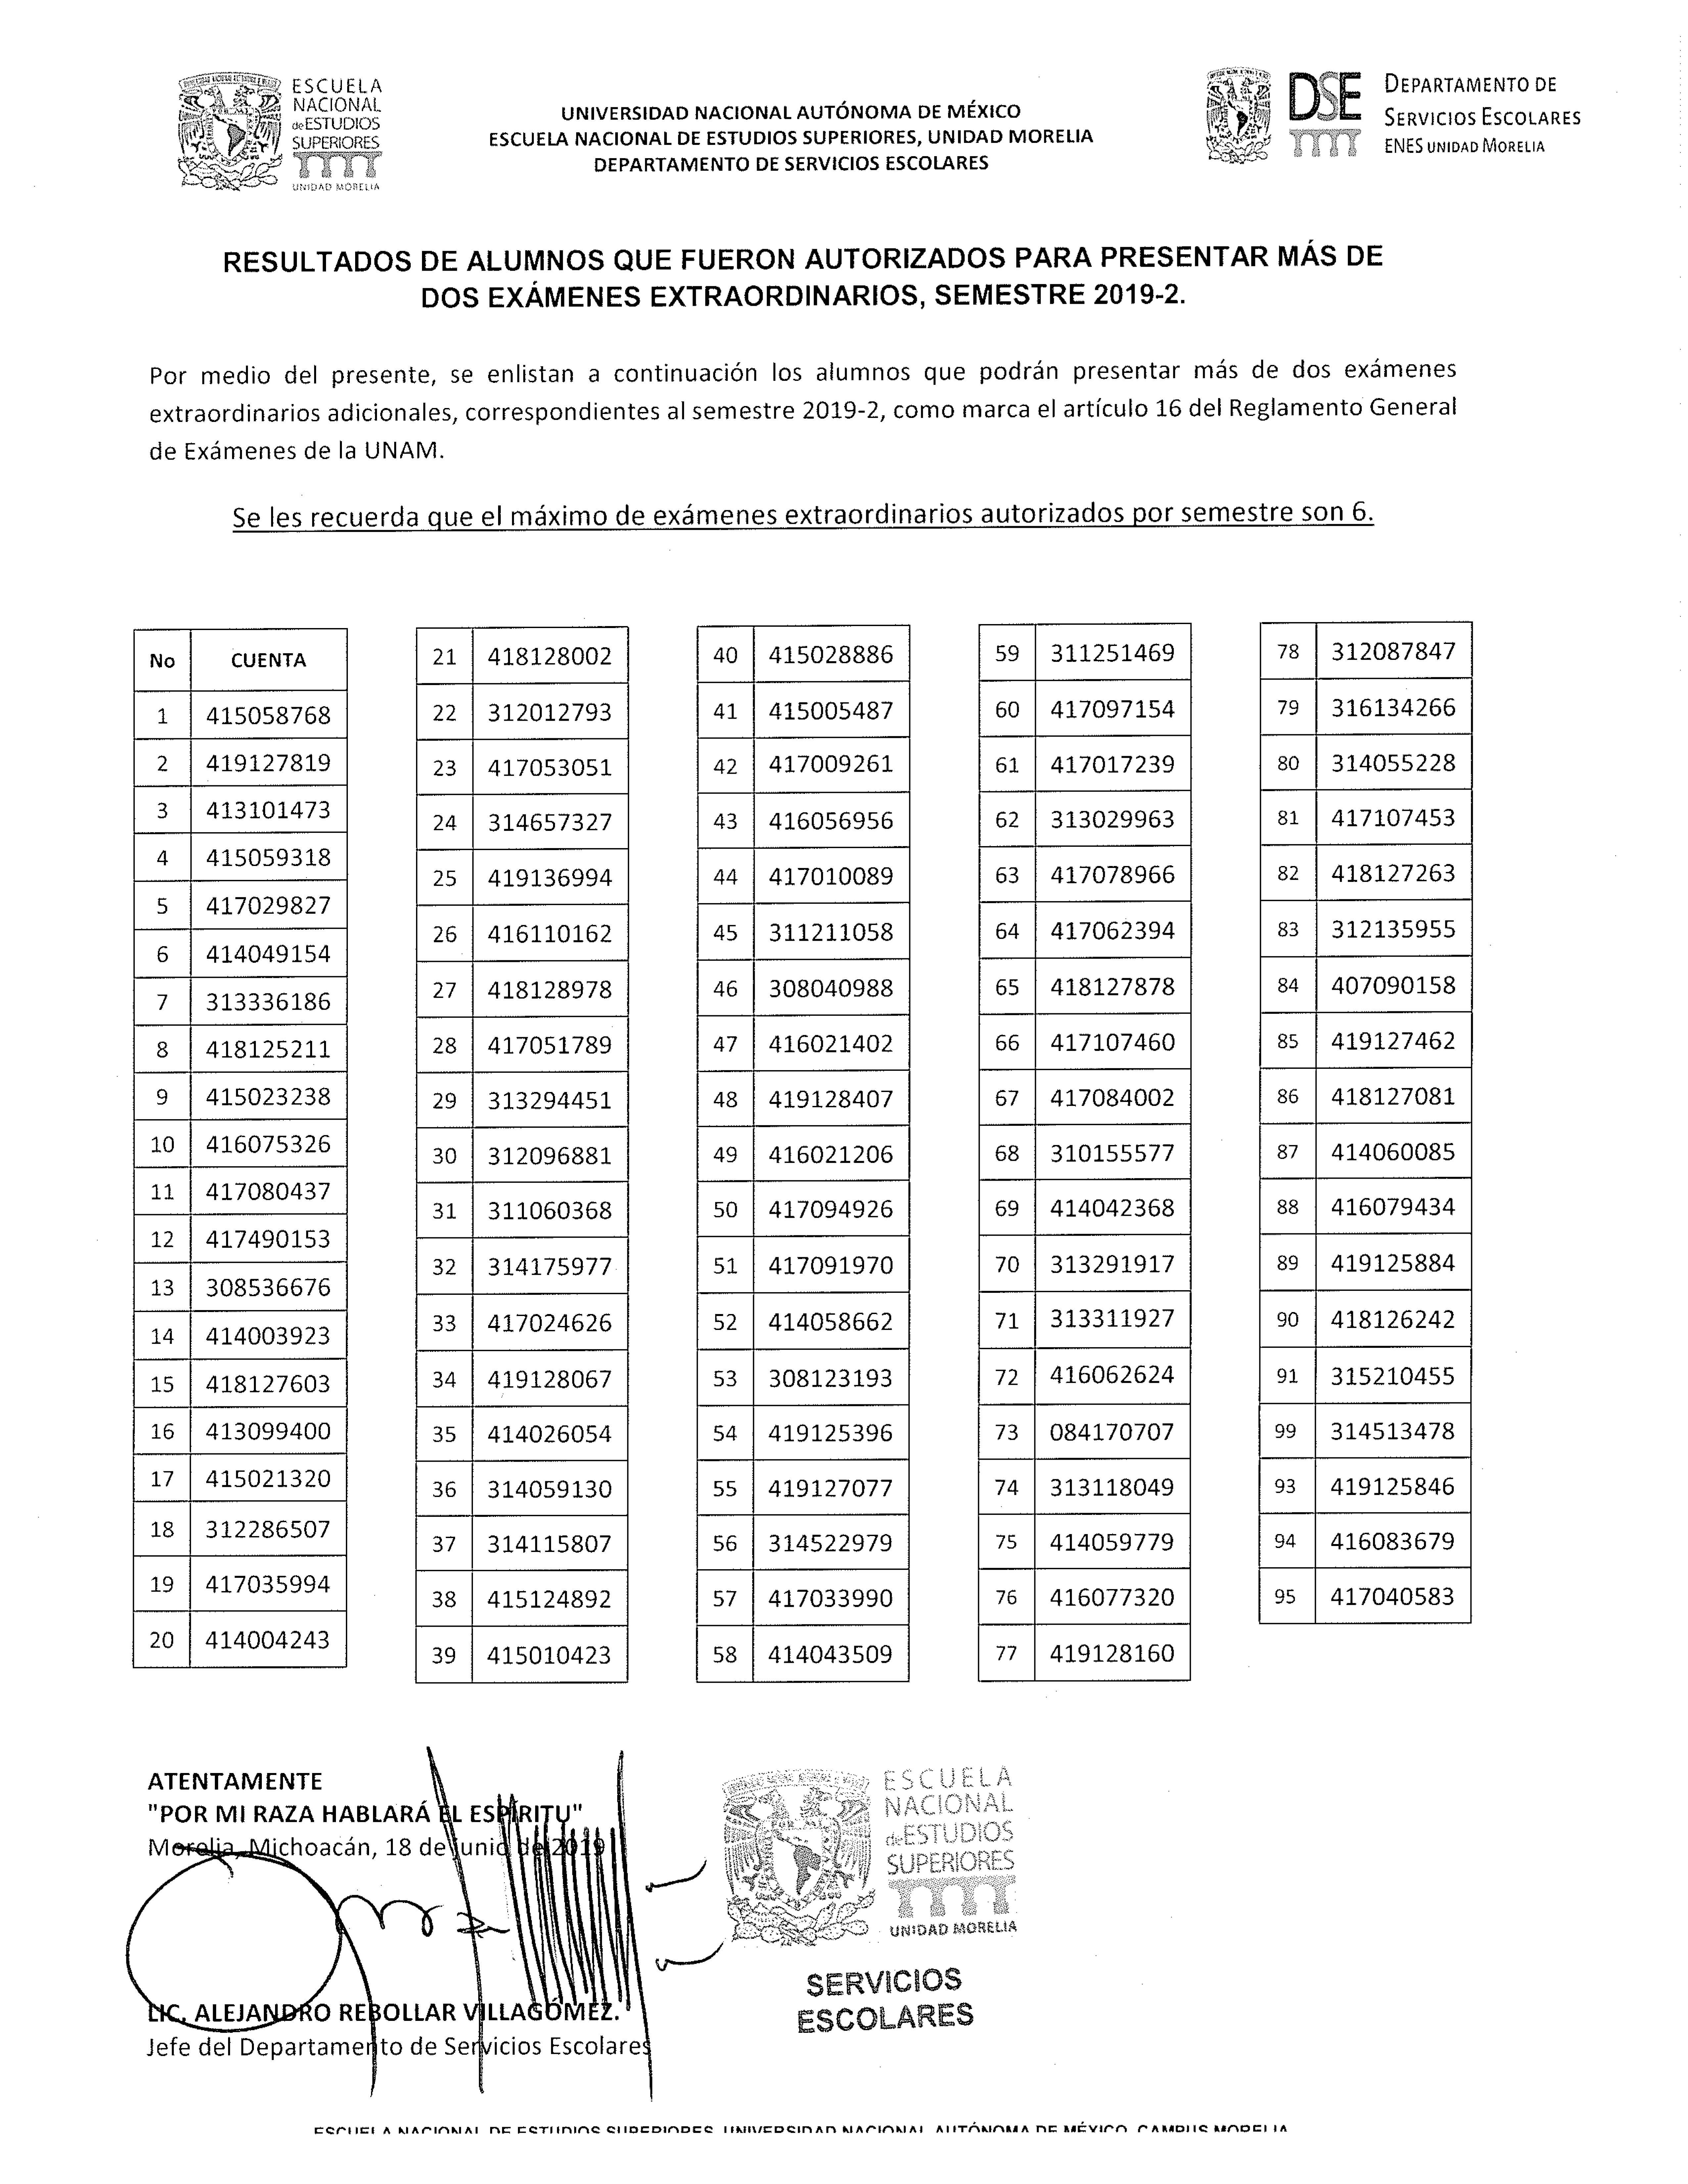 AUTORIZADOS MAX DE 2 EX EX-19-2